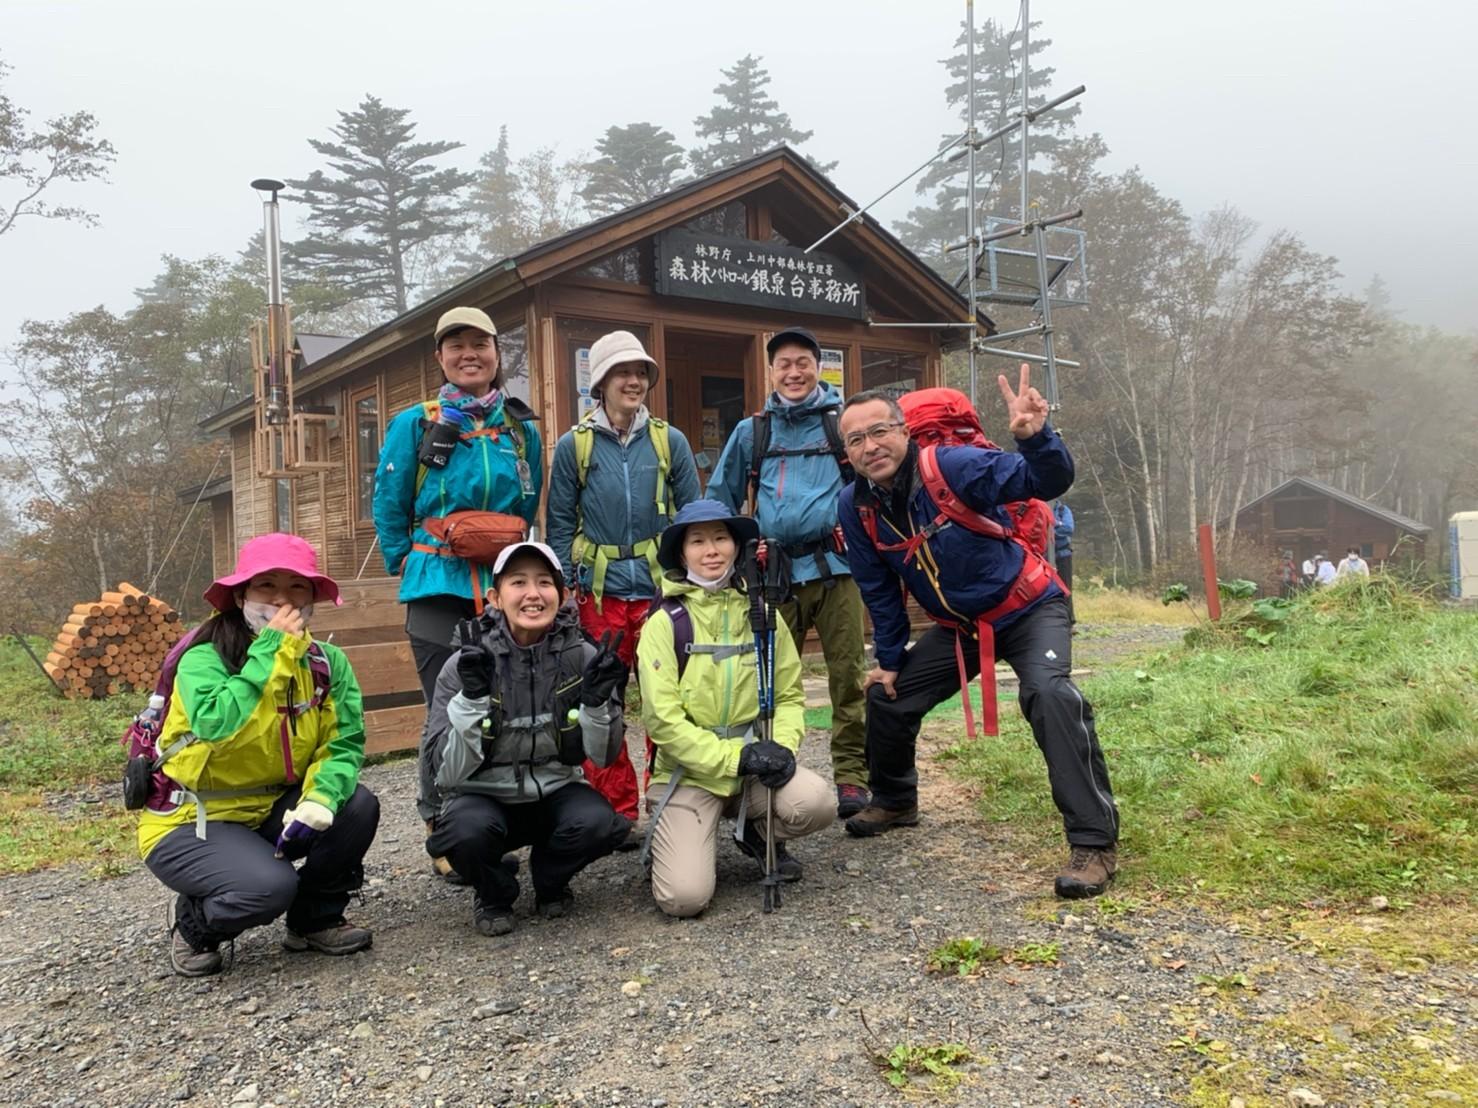 日本一早い紅葉を見に赤岳へ。奇跡のナッキーに会えました♪_d0198793_12504380.jpg